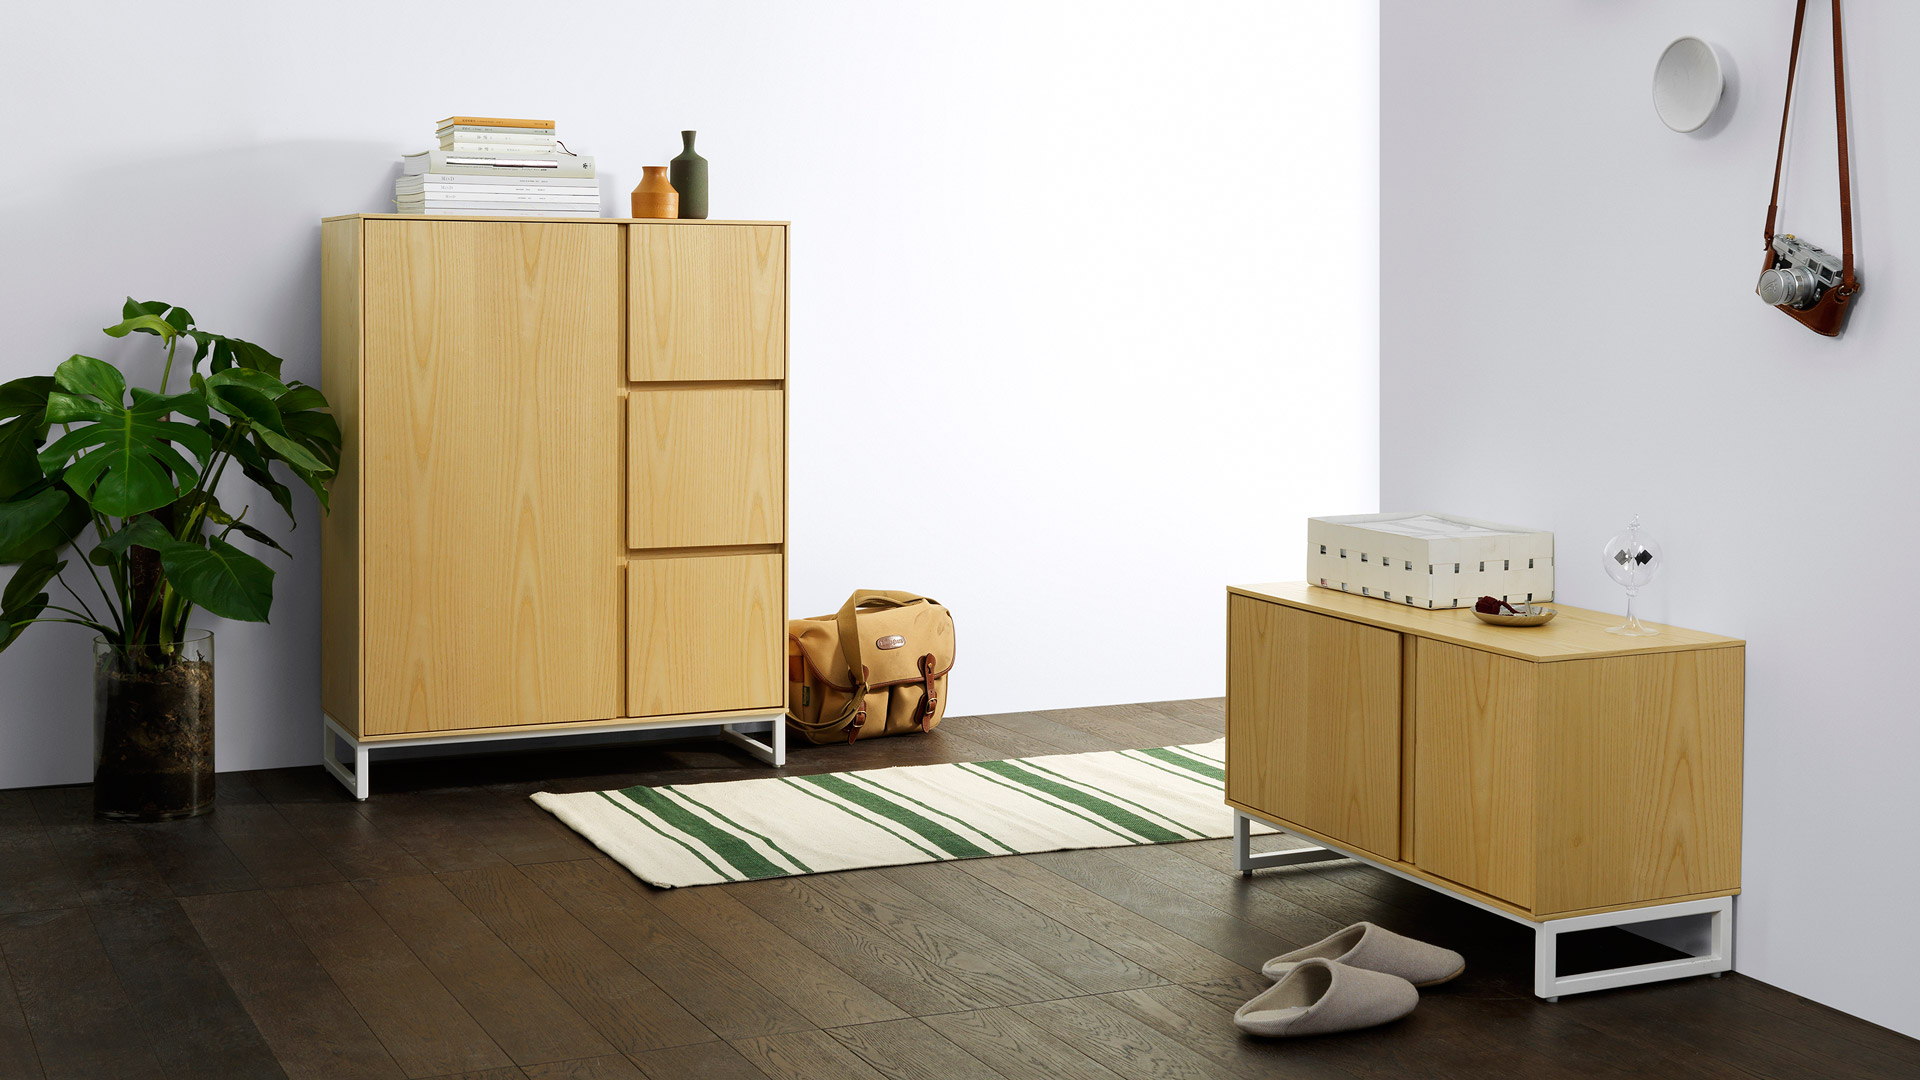 与画板同系列玄关柜组合搭配更有层次,换了鞋,挂上包,随身小物的有序收纳,留给门厅一个内敛温感的暂停键。?x-oss-process=image/format,jpg/interlace,1